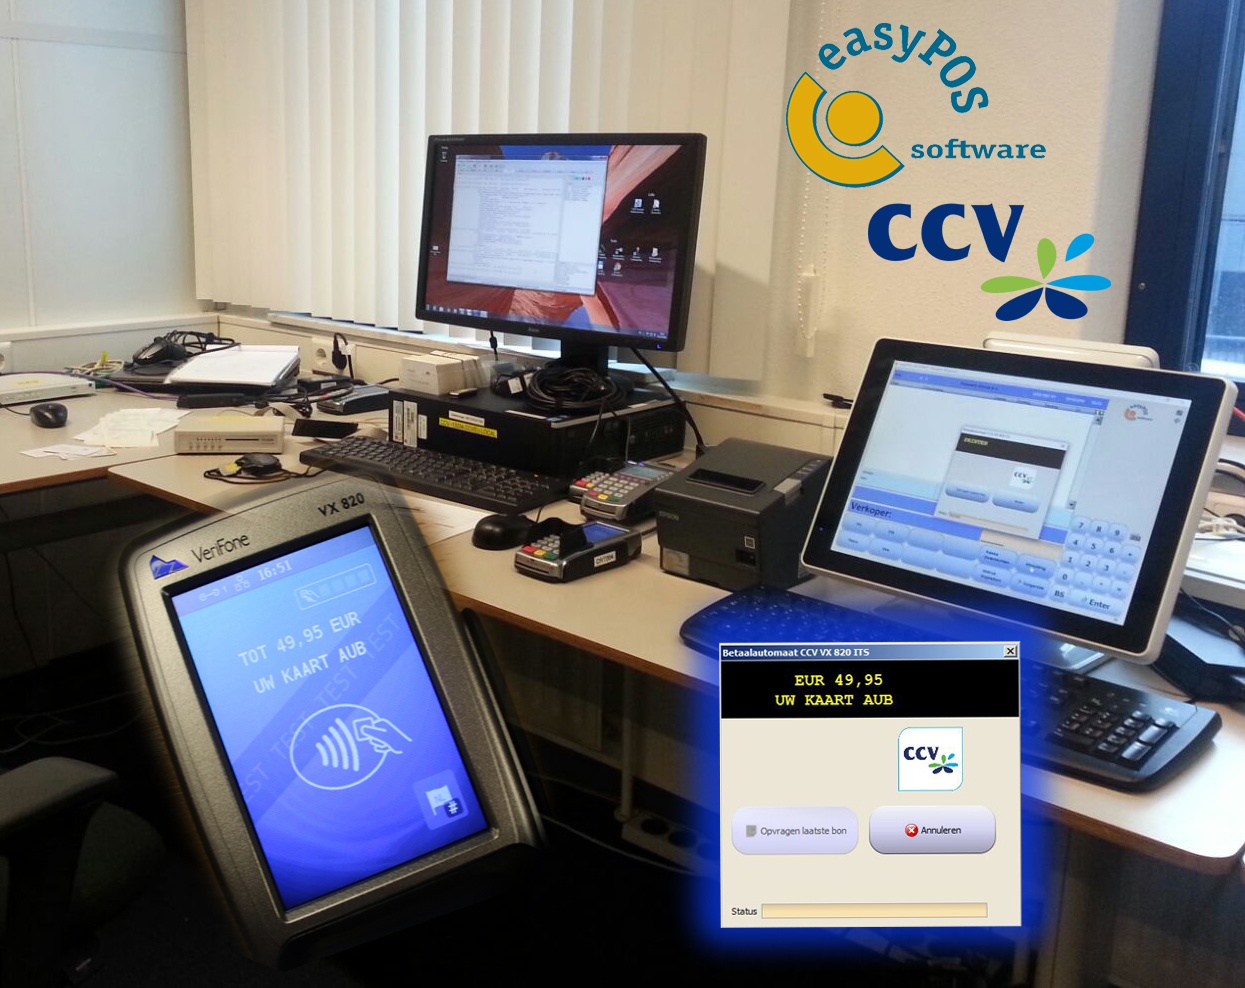 easyPOS behaalt CCV-certificering voor nieuw model VX820 ITS